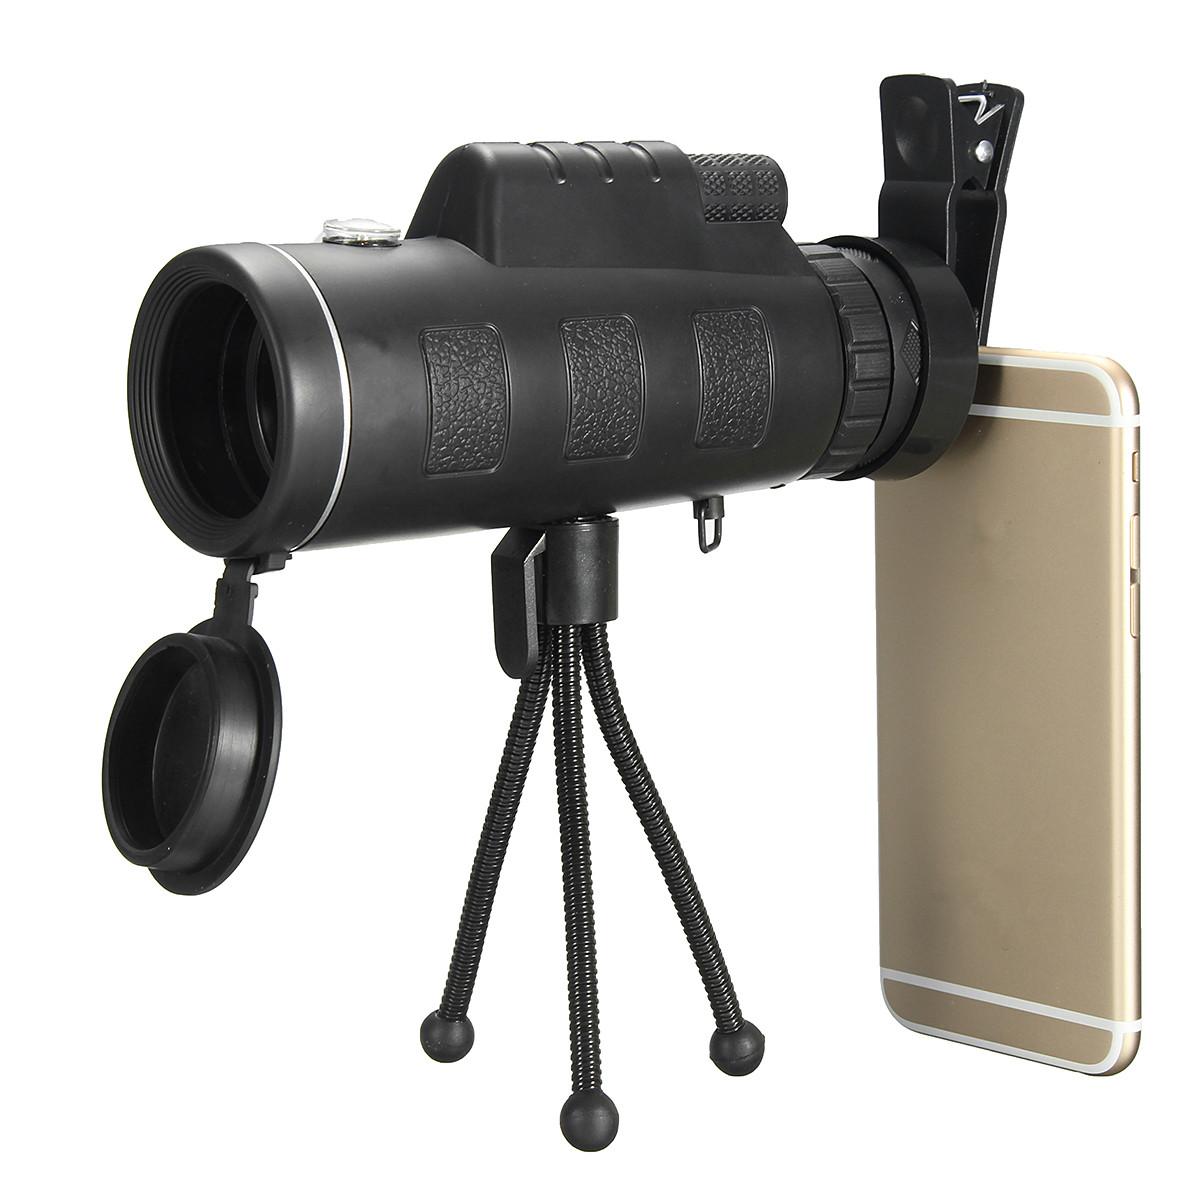 x Telescopio Monocular Portable Impermeable Alta Definición Viaje HD con brújula